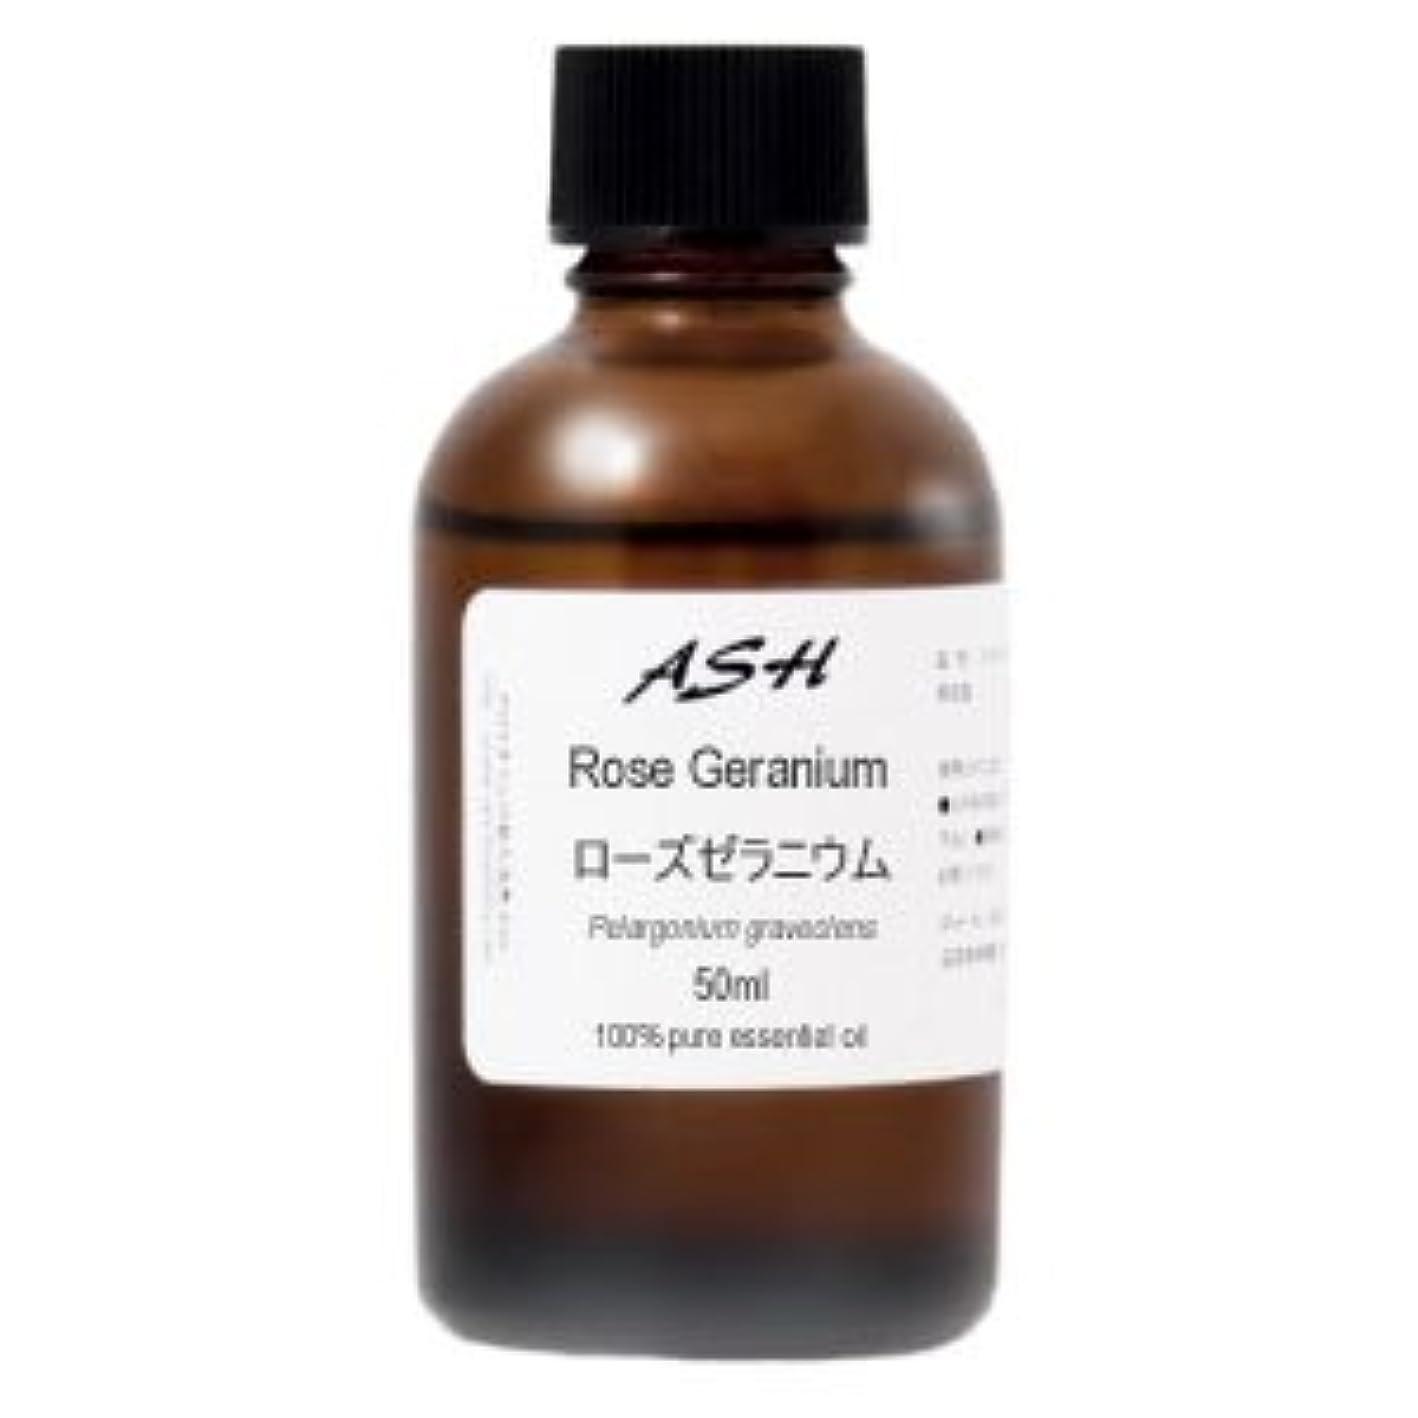 中世のわかりやすいハンディキャップASH ローズゼラニウム エッセンシャルオイル 50ml AEAJ表示基準適合認定精油